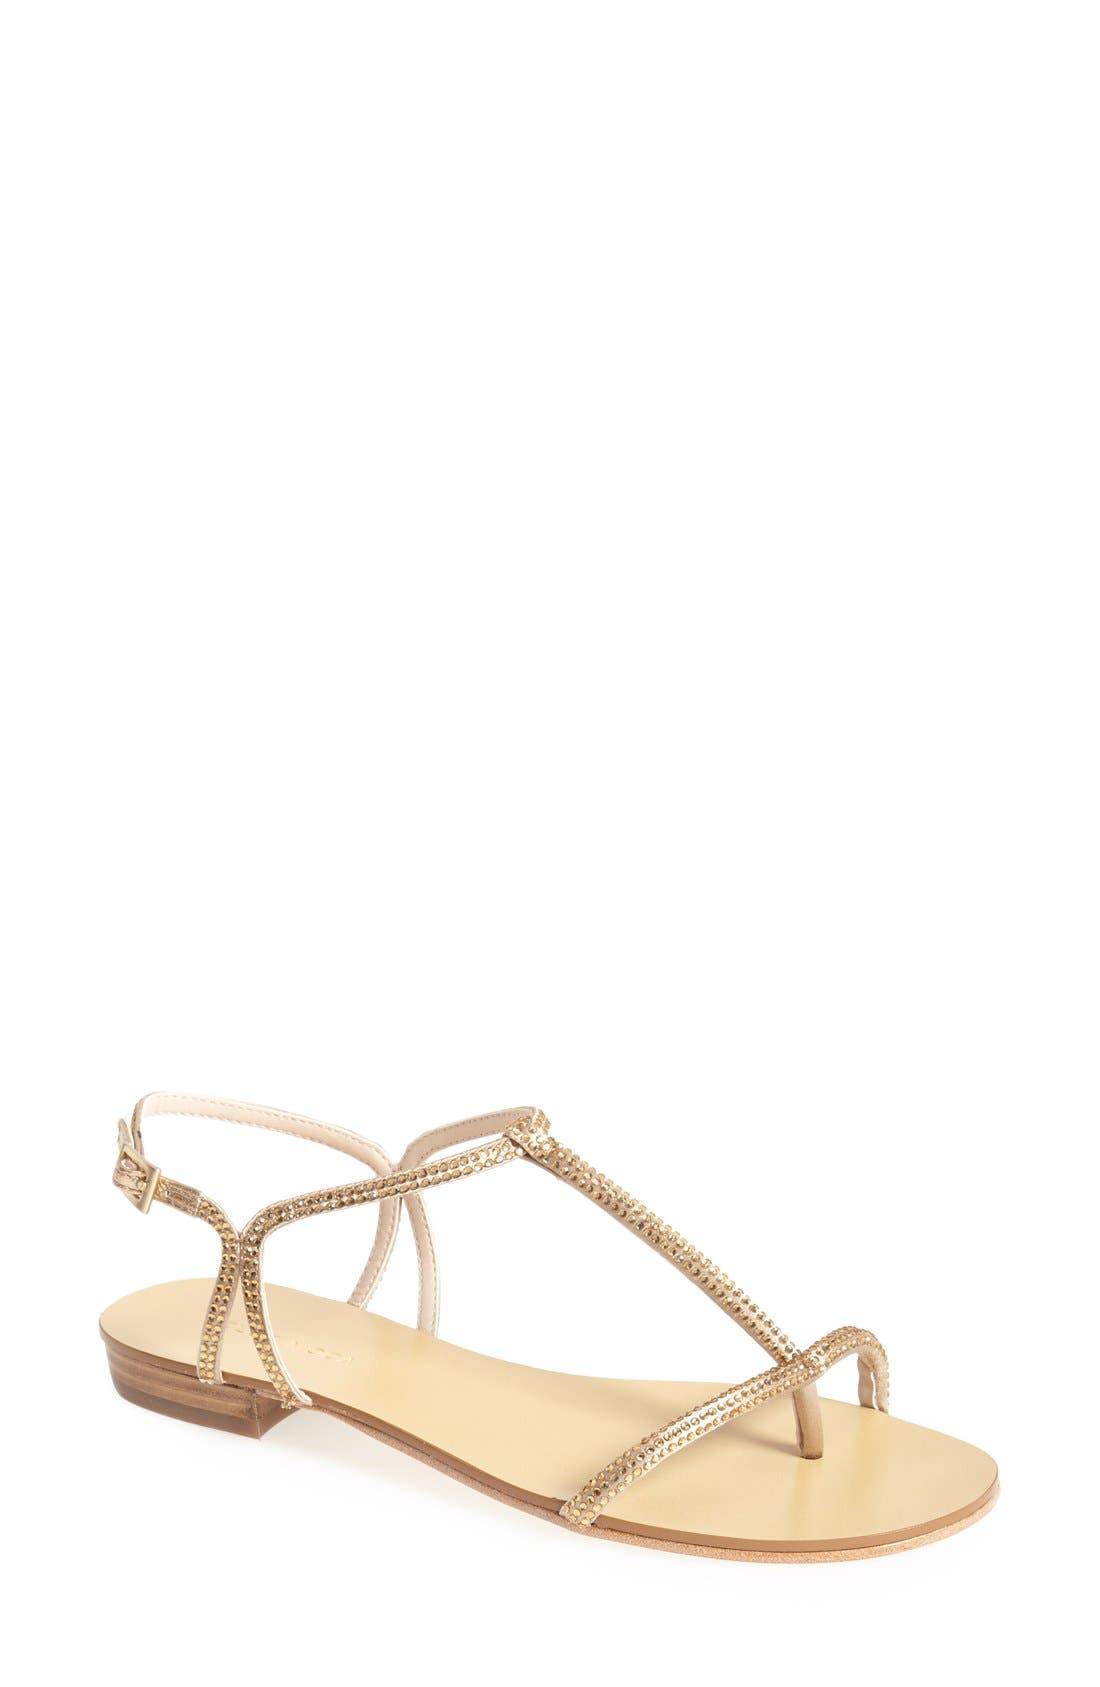 Alternate Image 1 Selected - Pelle Moda 'Becca' T Strap Thong Sandal (Women)